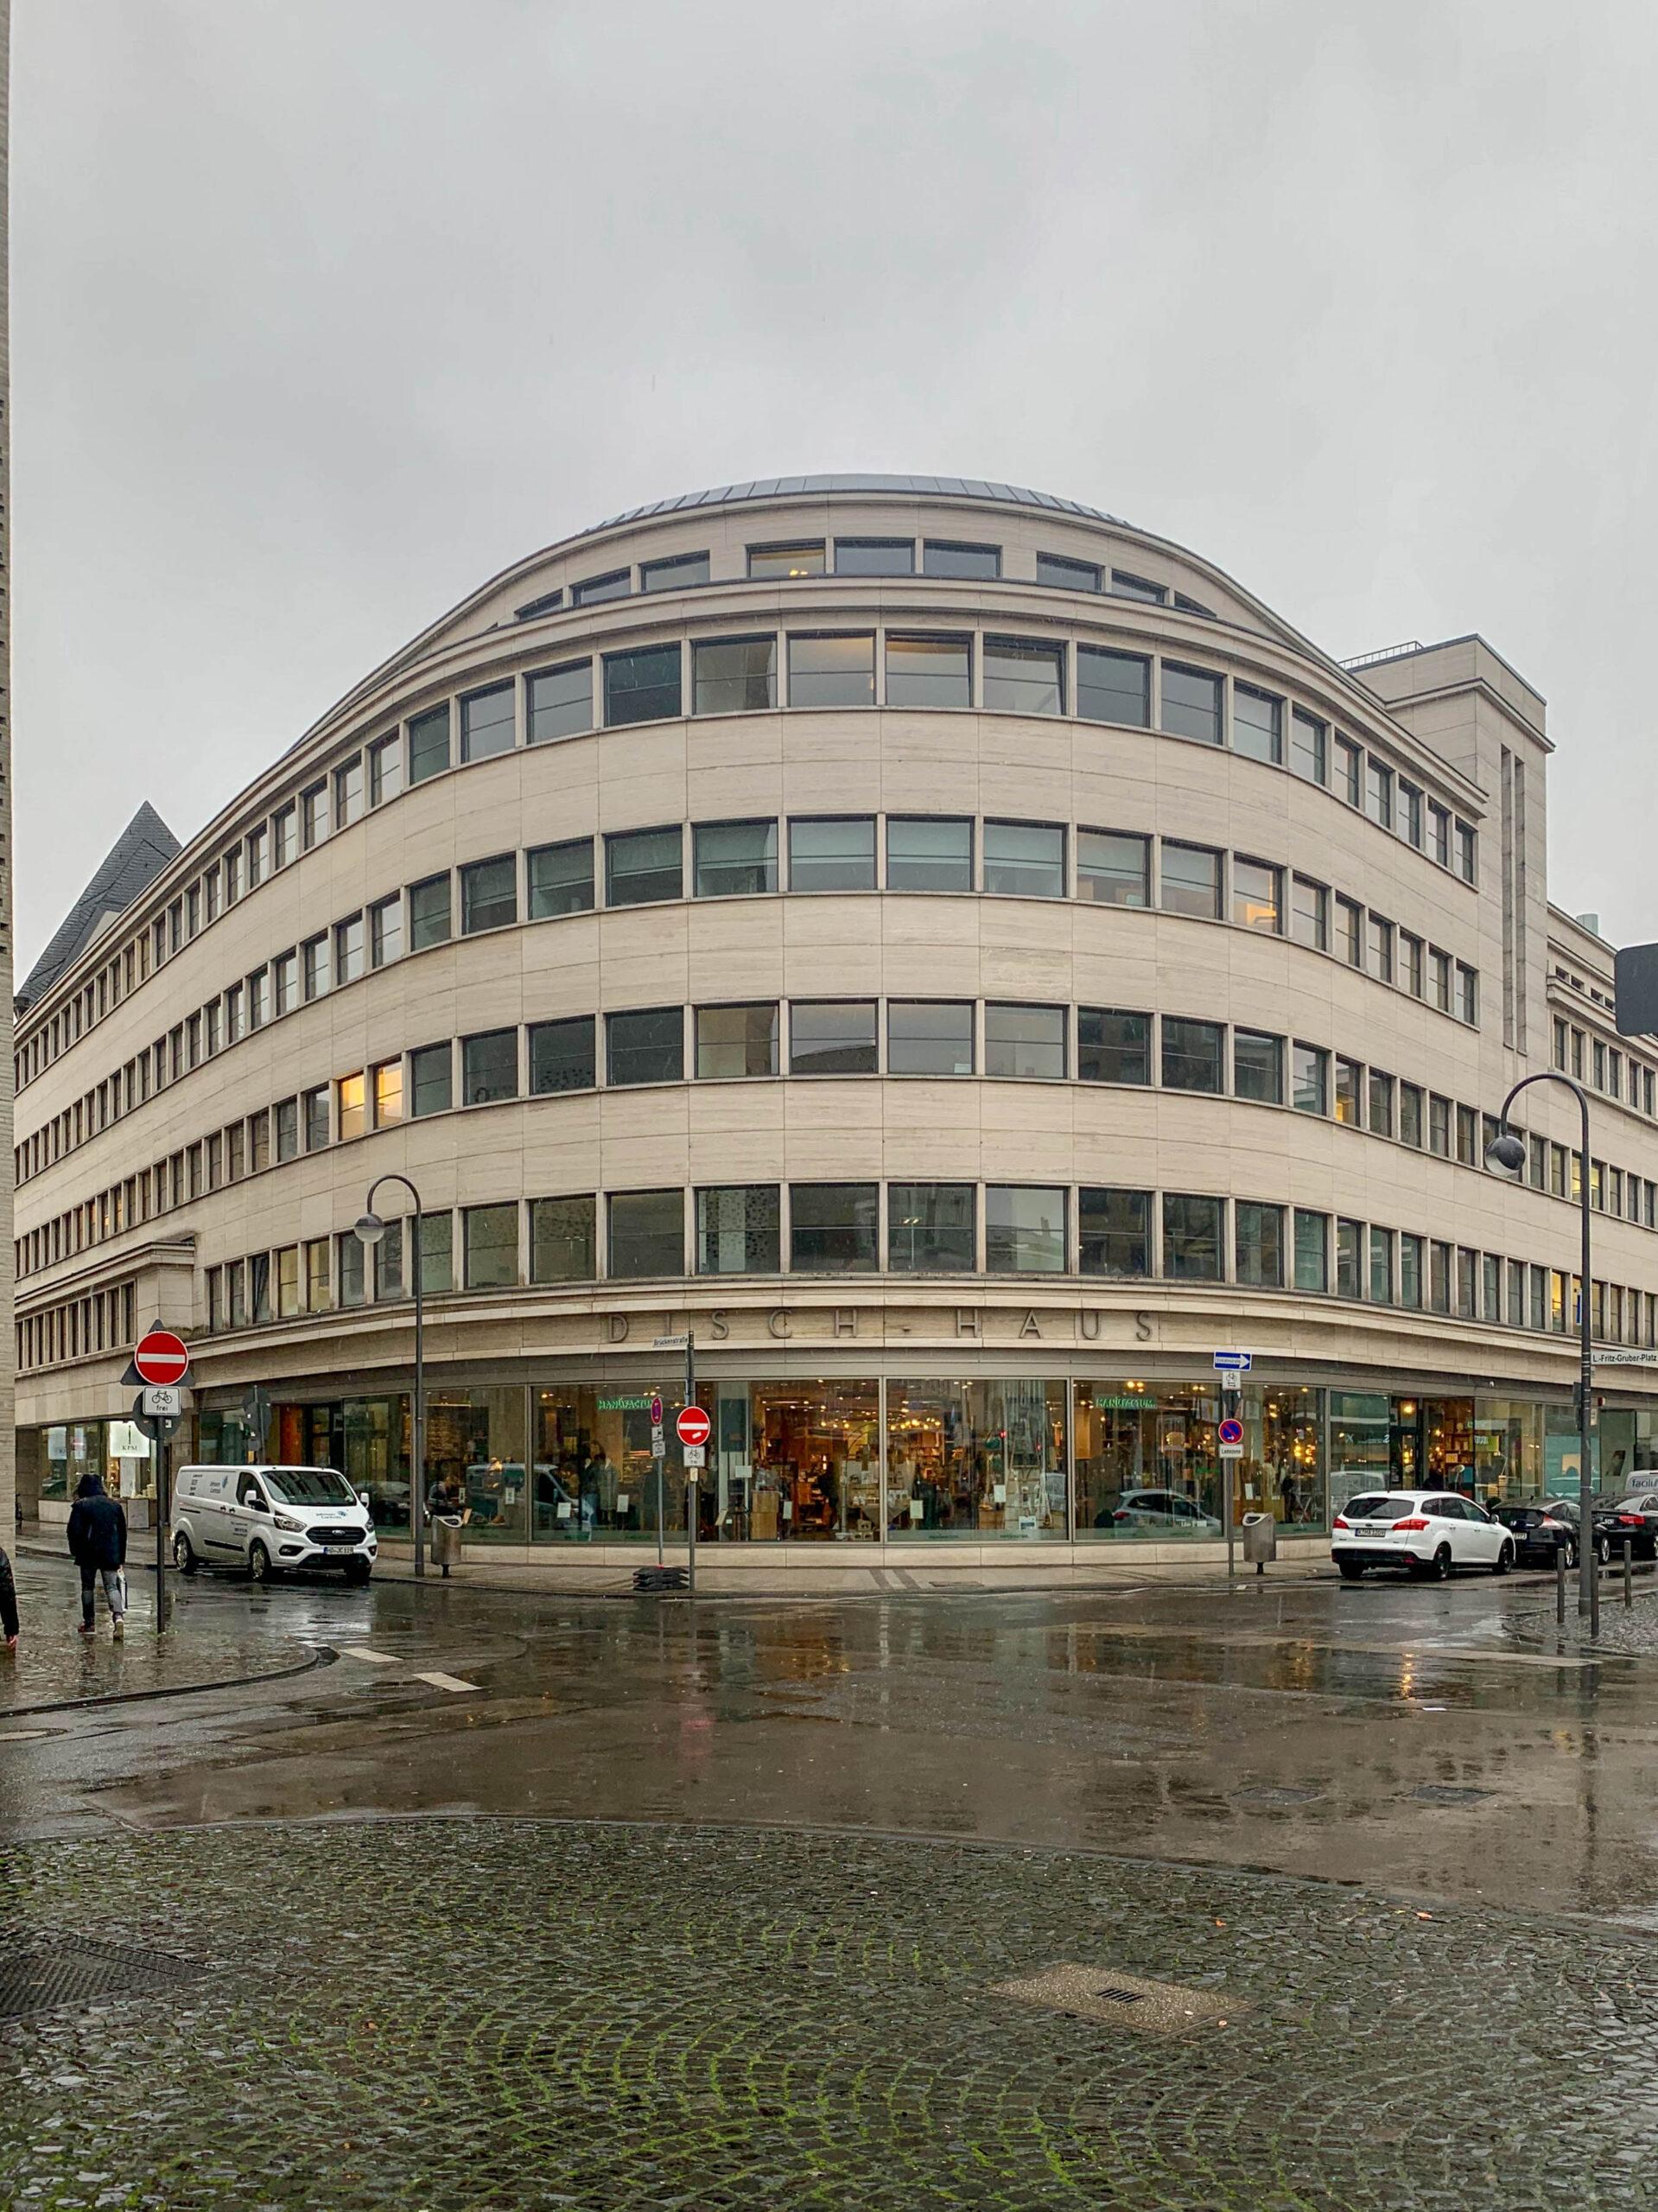 Dischhaus, 1928-1930. Architects: Bruno Paul, Franz Weber